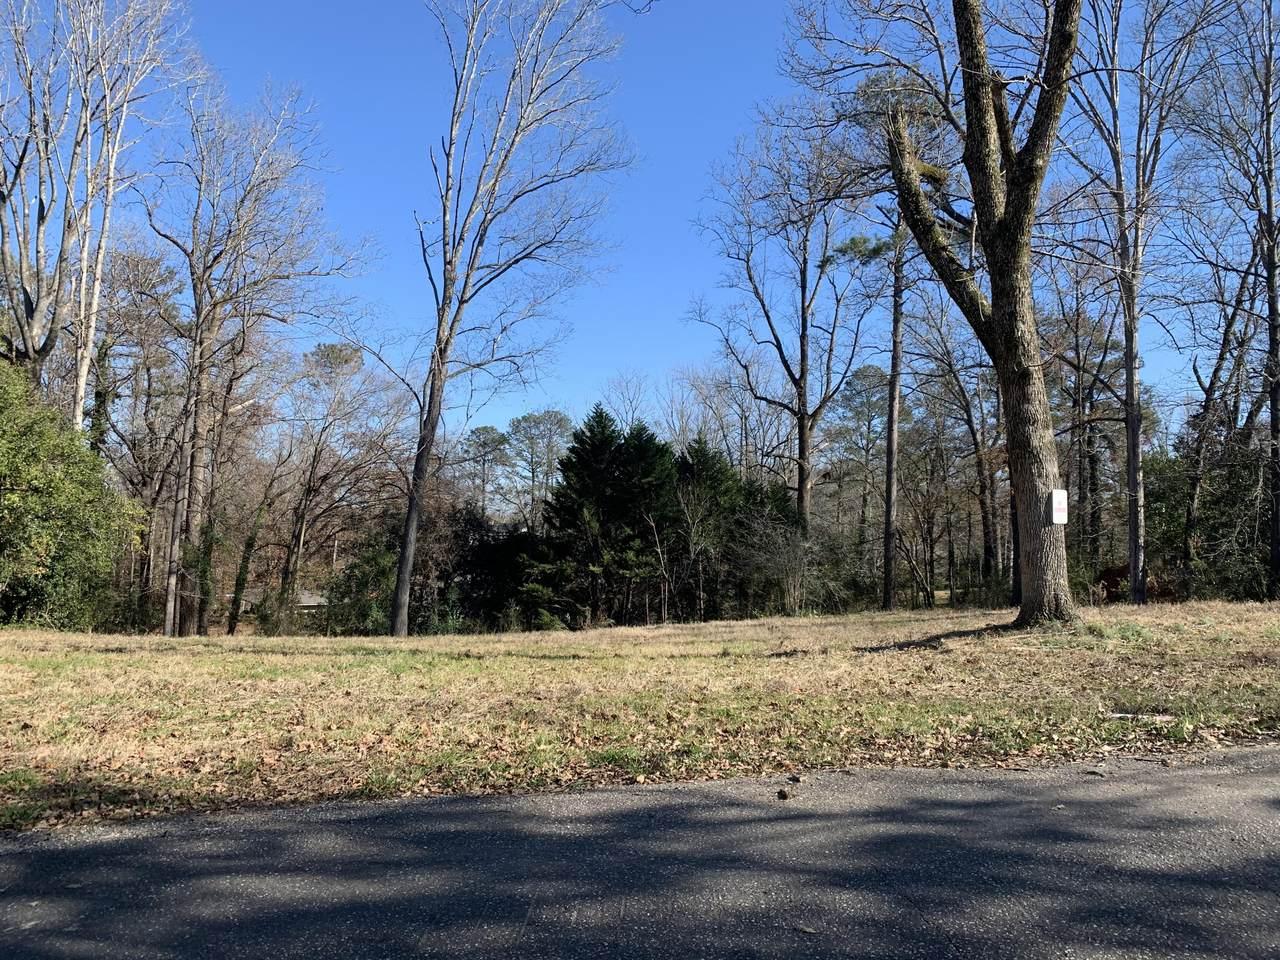 524 Ridgeview Dr - Photo 1